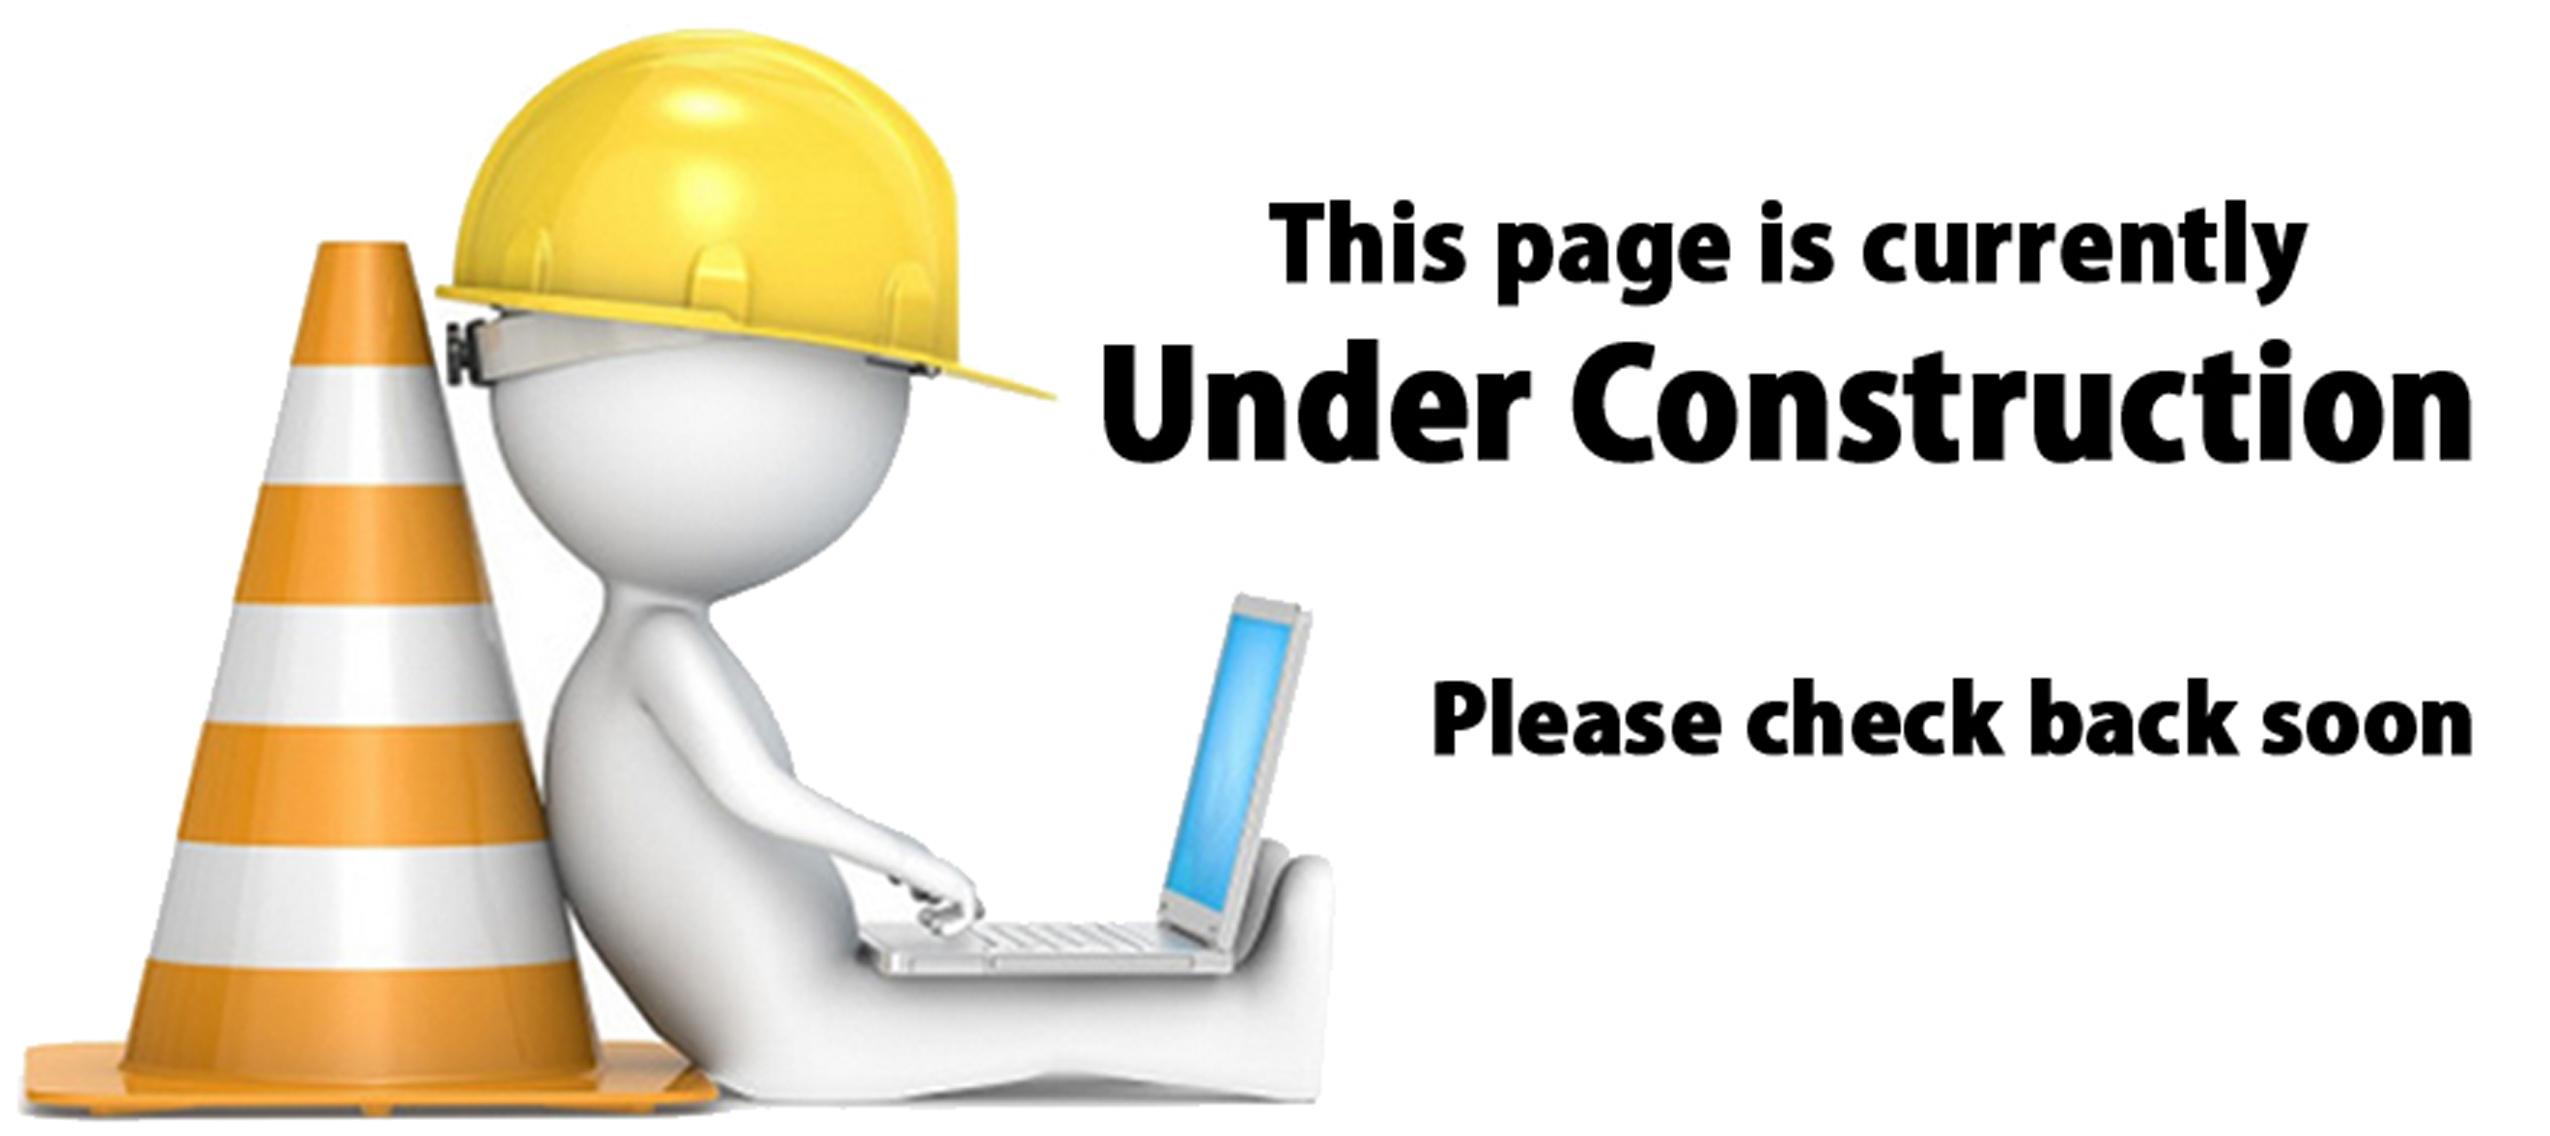 underconstruction2550.jpg